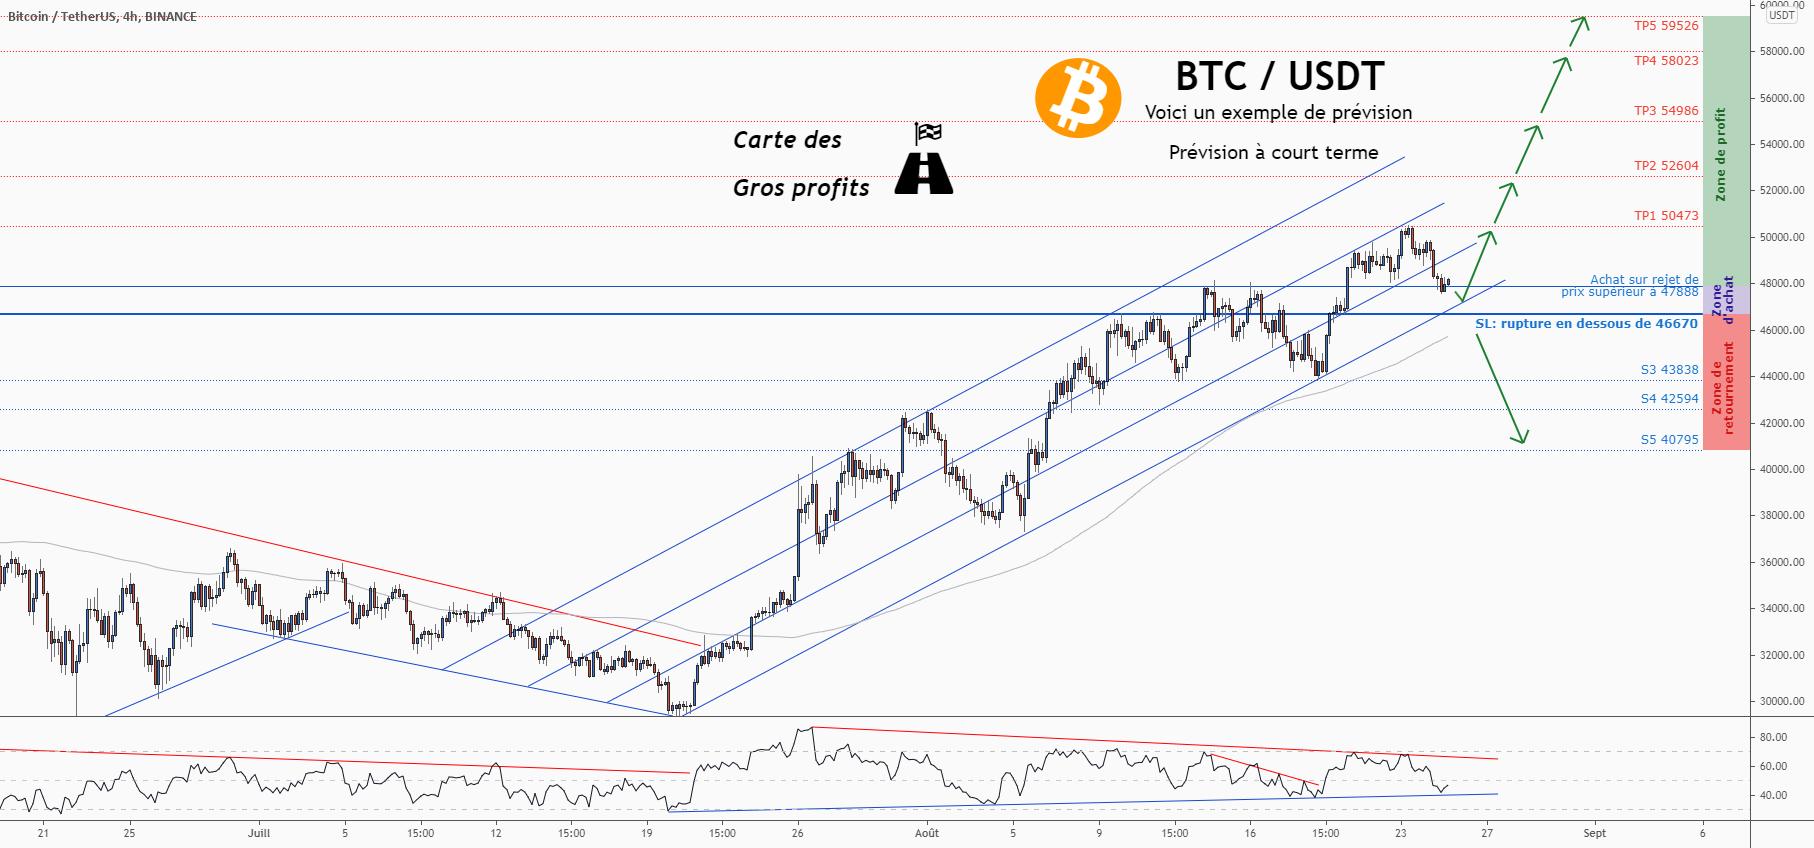 💡Ne manquez pas cette grande opportunité d'achat de BTCUSD pour BINANCE:BTCUSDT par ForecastCity_Francais